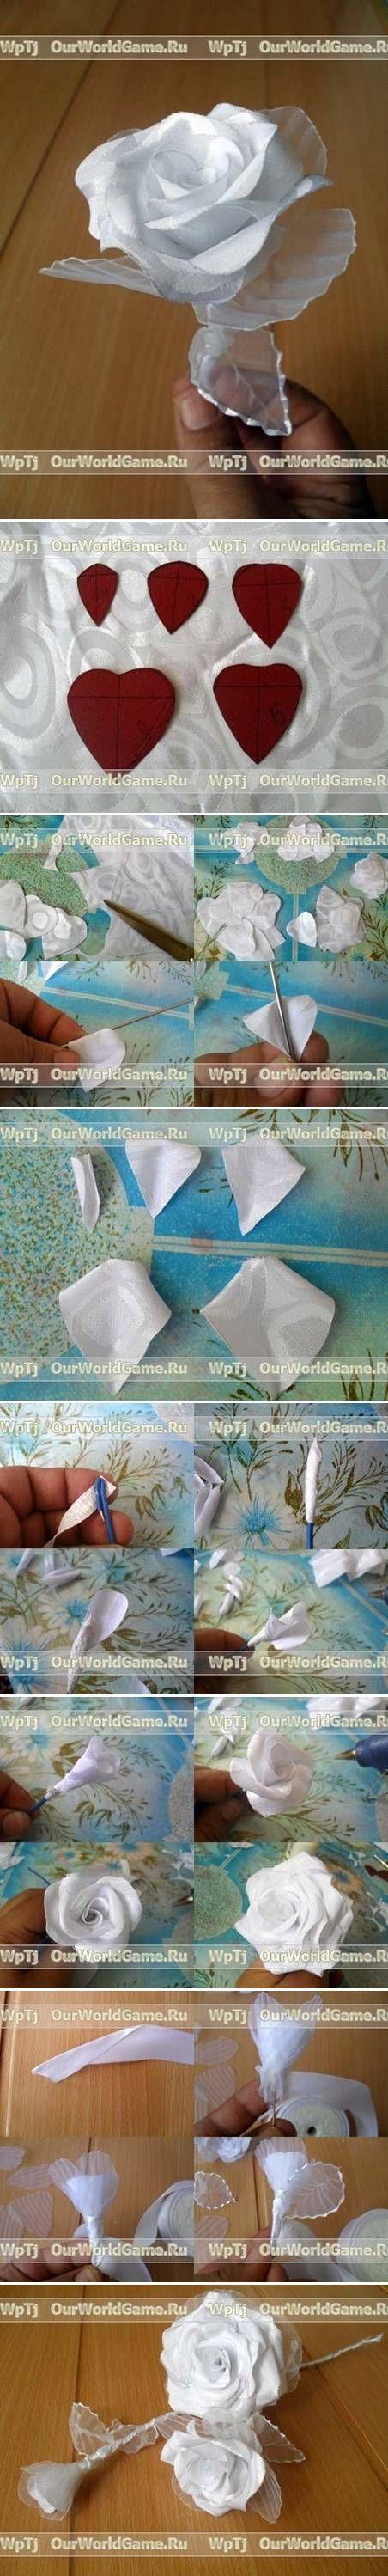 DIY Modular White Ribbon Rose